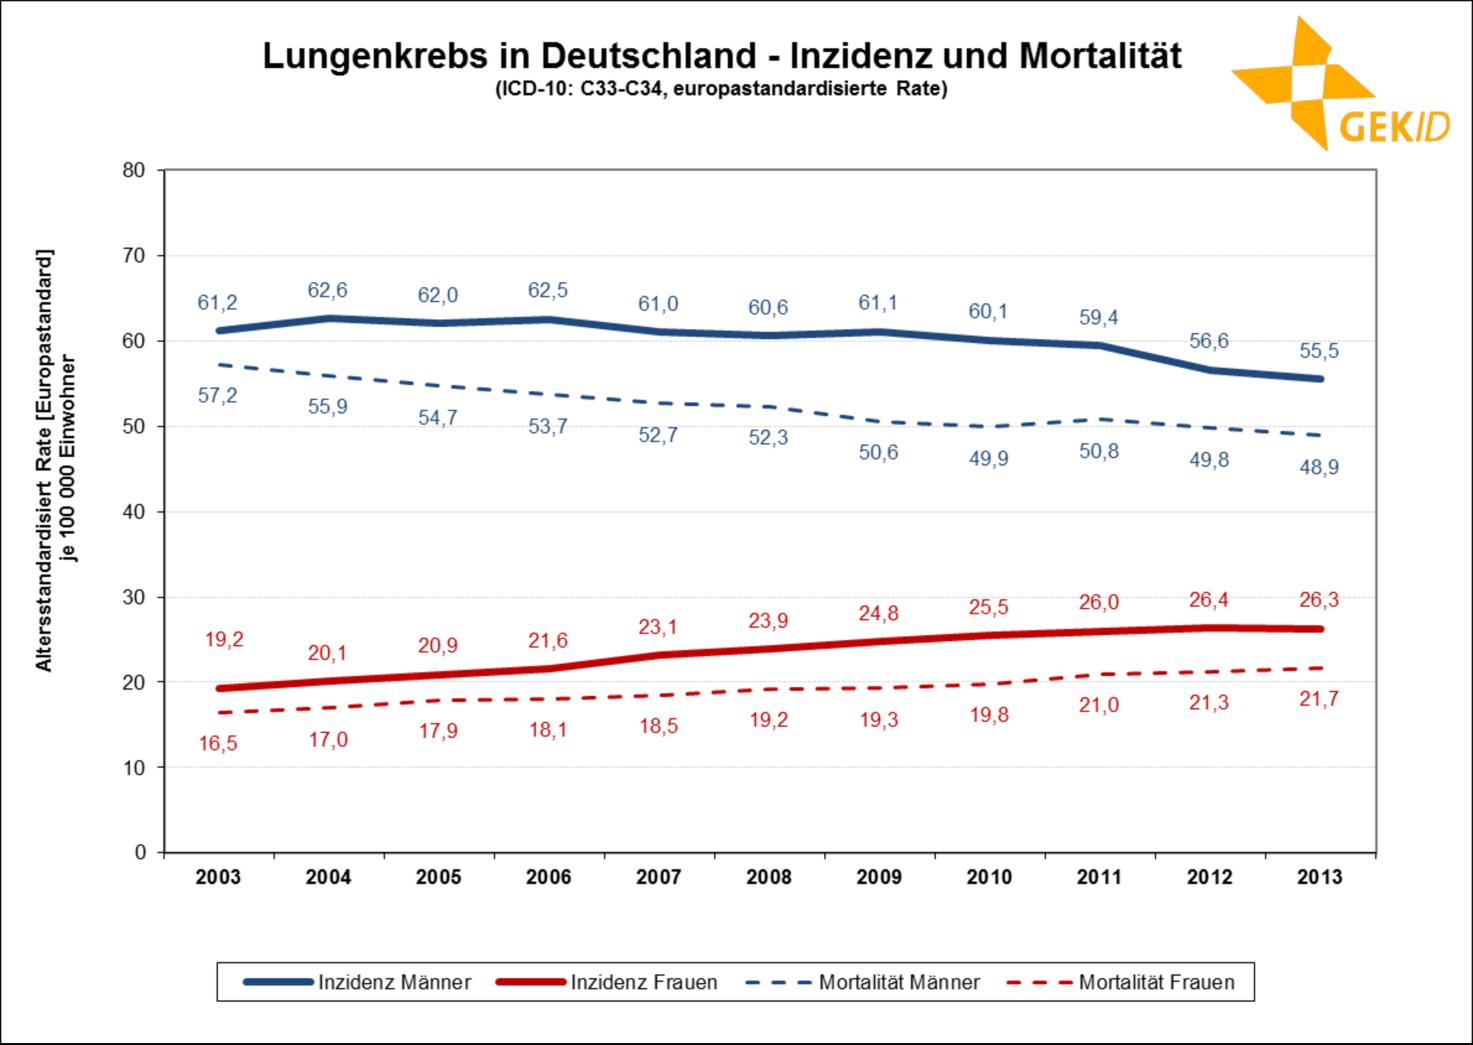 Inzidenz und Mortalität des Lungenkarzinoms in Deutschland (europastandardisierte Rate) 1